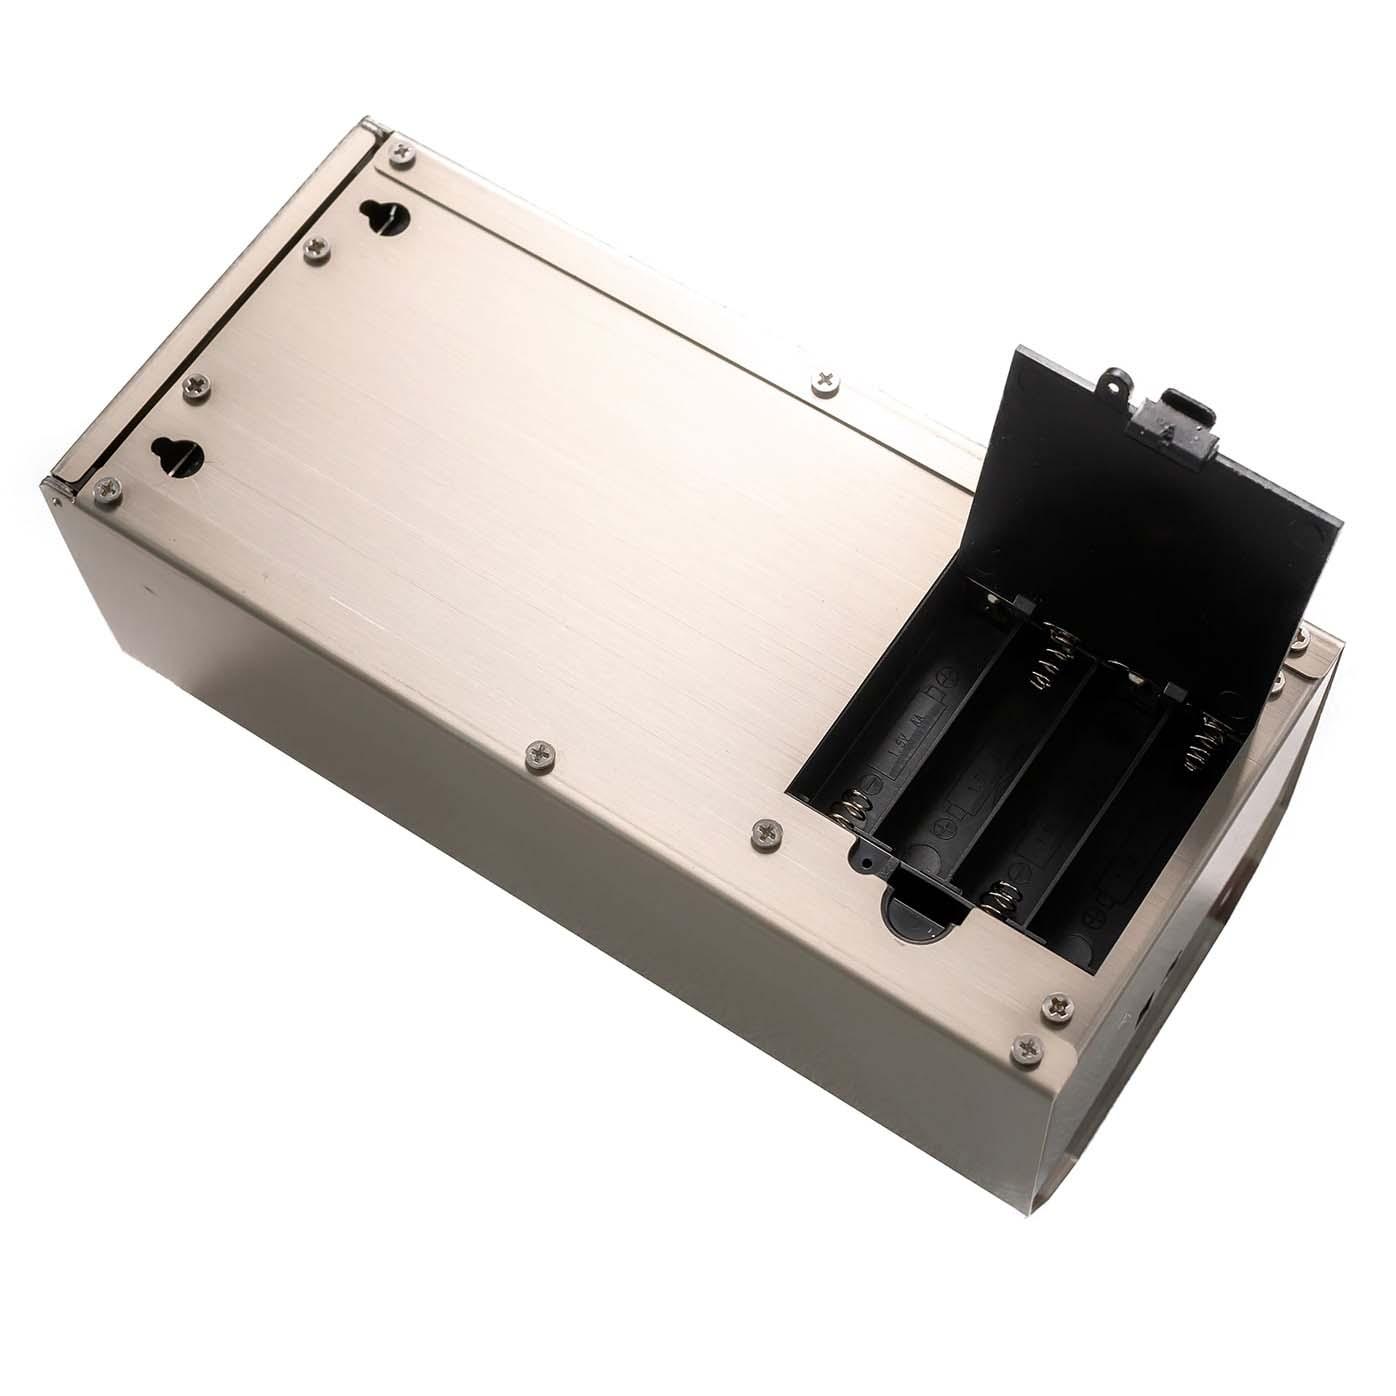 SANIC Tisch-Desinfektionsspender aus Edelstahl mit Sensor